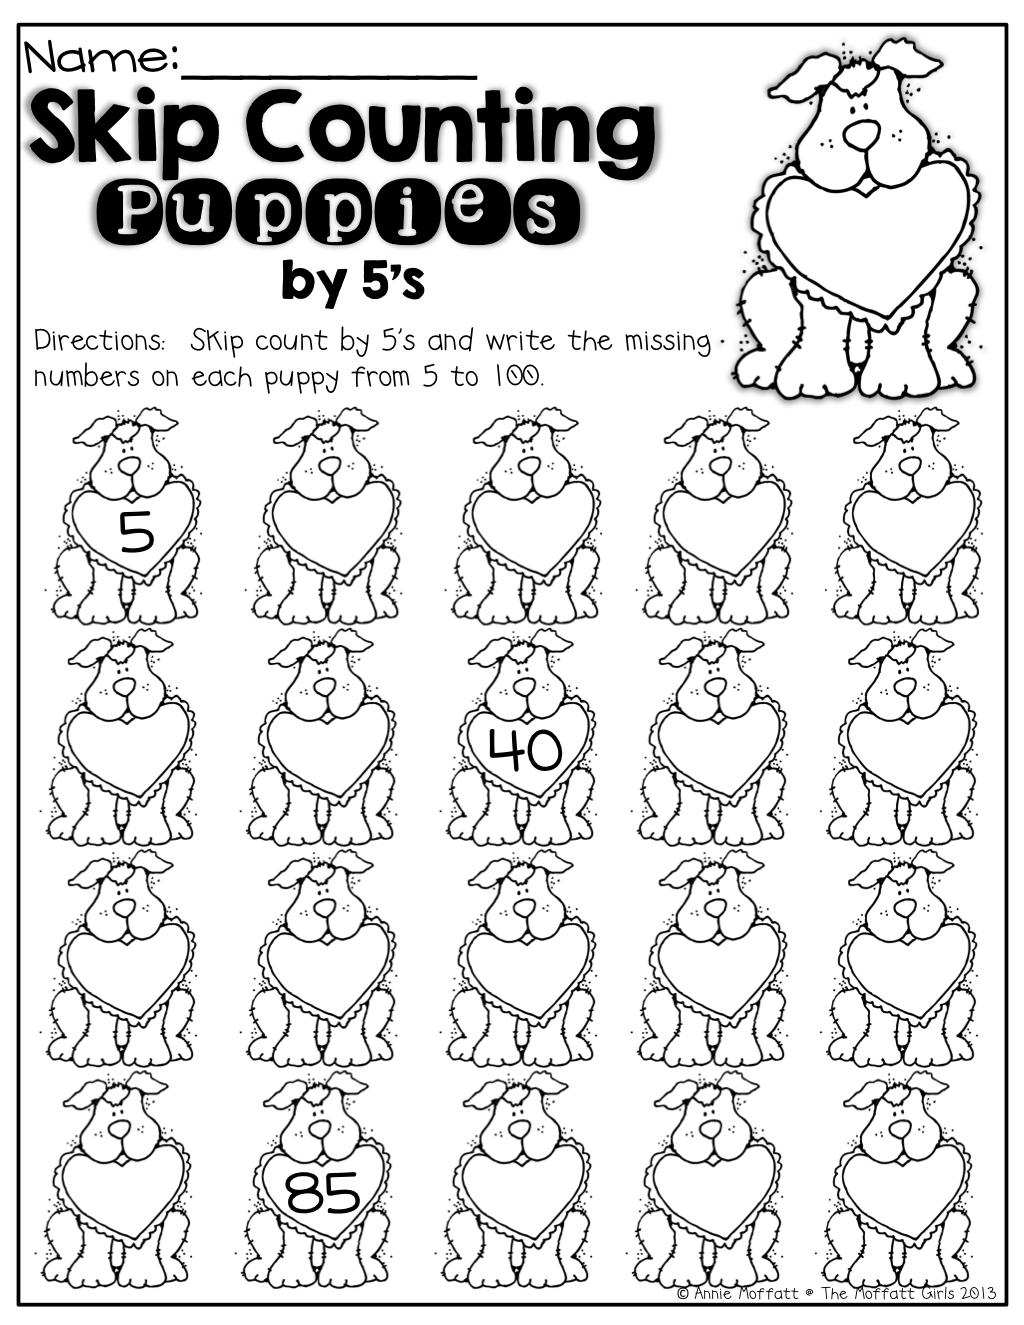 February No Prep Packet Kindergarten Kindergarten Math Activities Counting In 5s Math Activities [ 1325 x 1024 Pixel ]